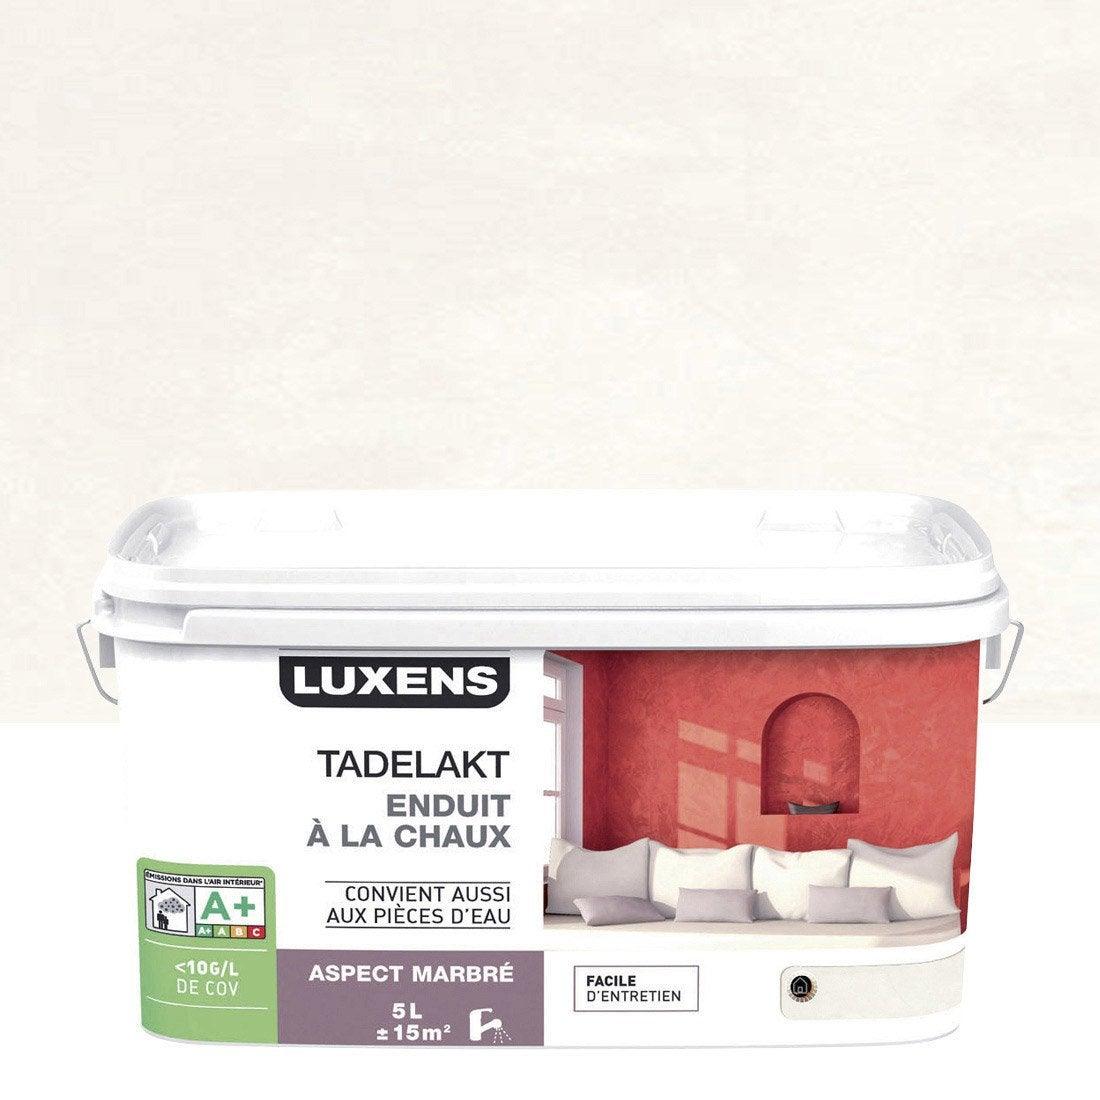 Peinture effet tadelakt luxens blanc calcaire 3 5 l leroy merlin - Leroy merlin tadelakt ...